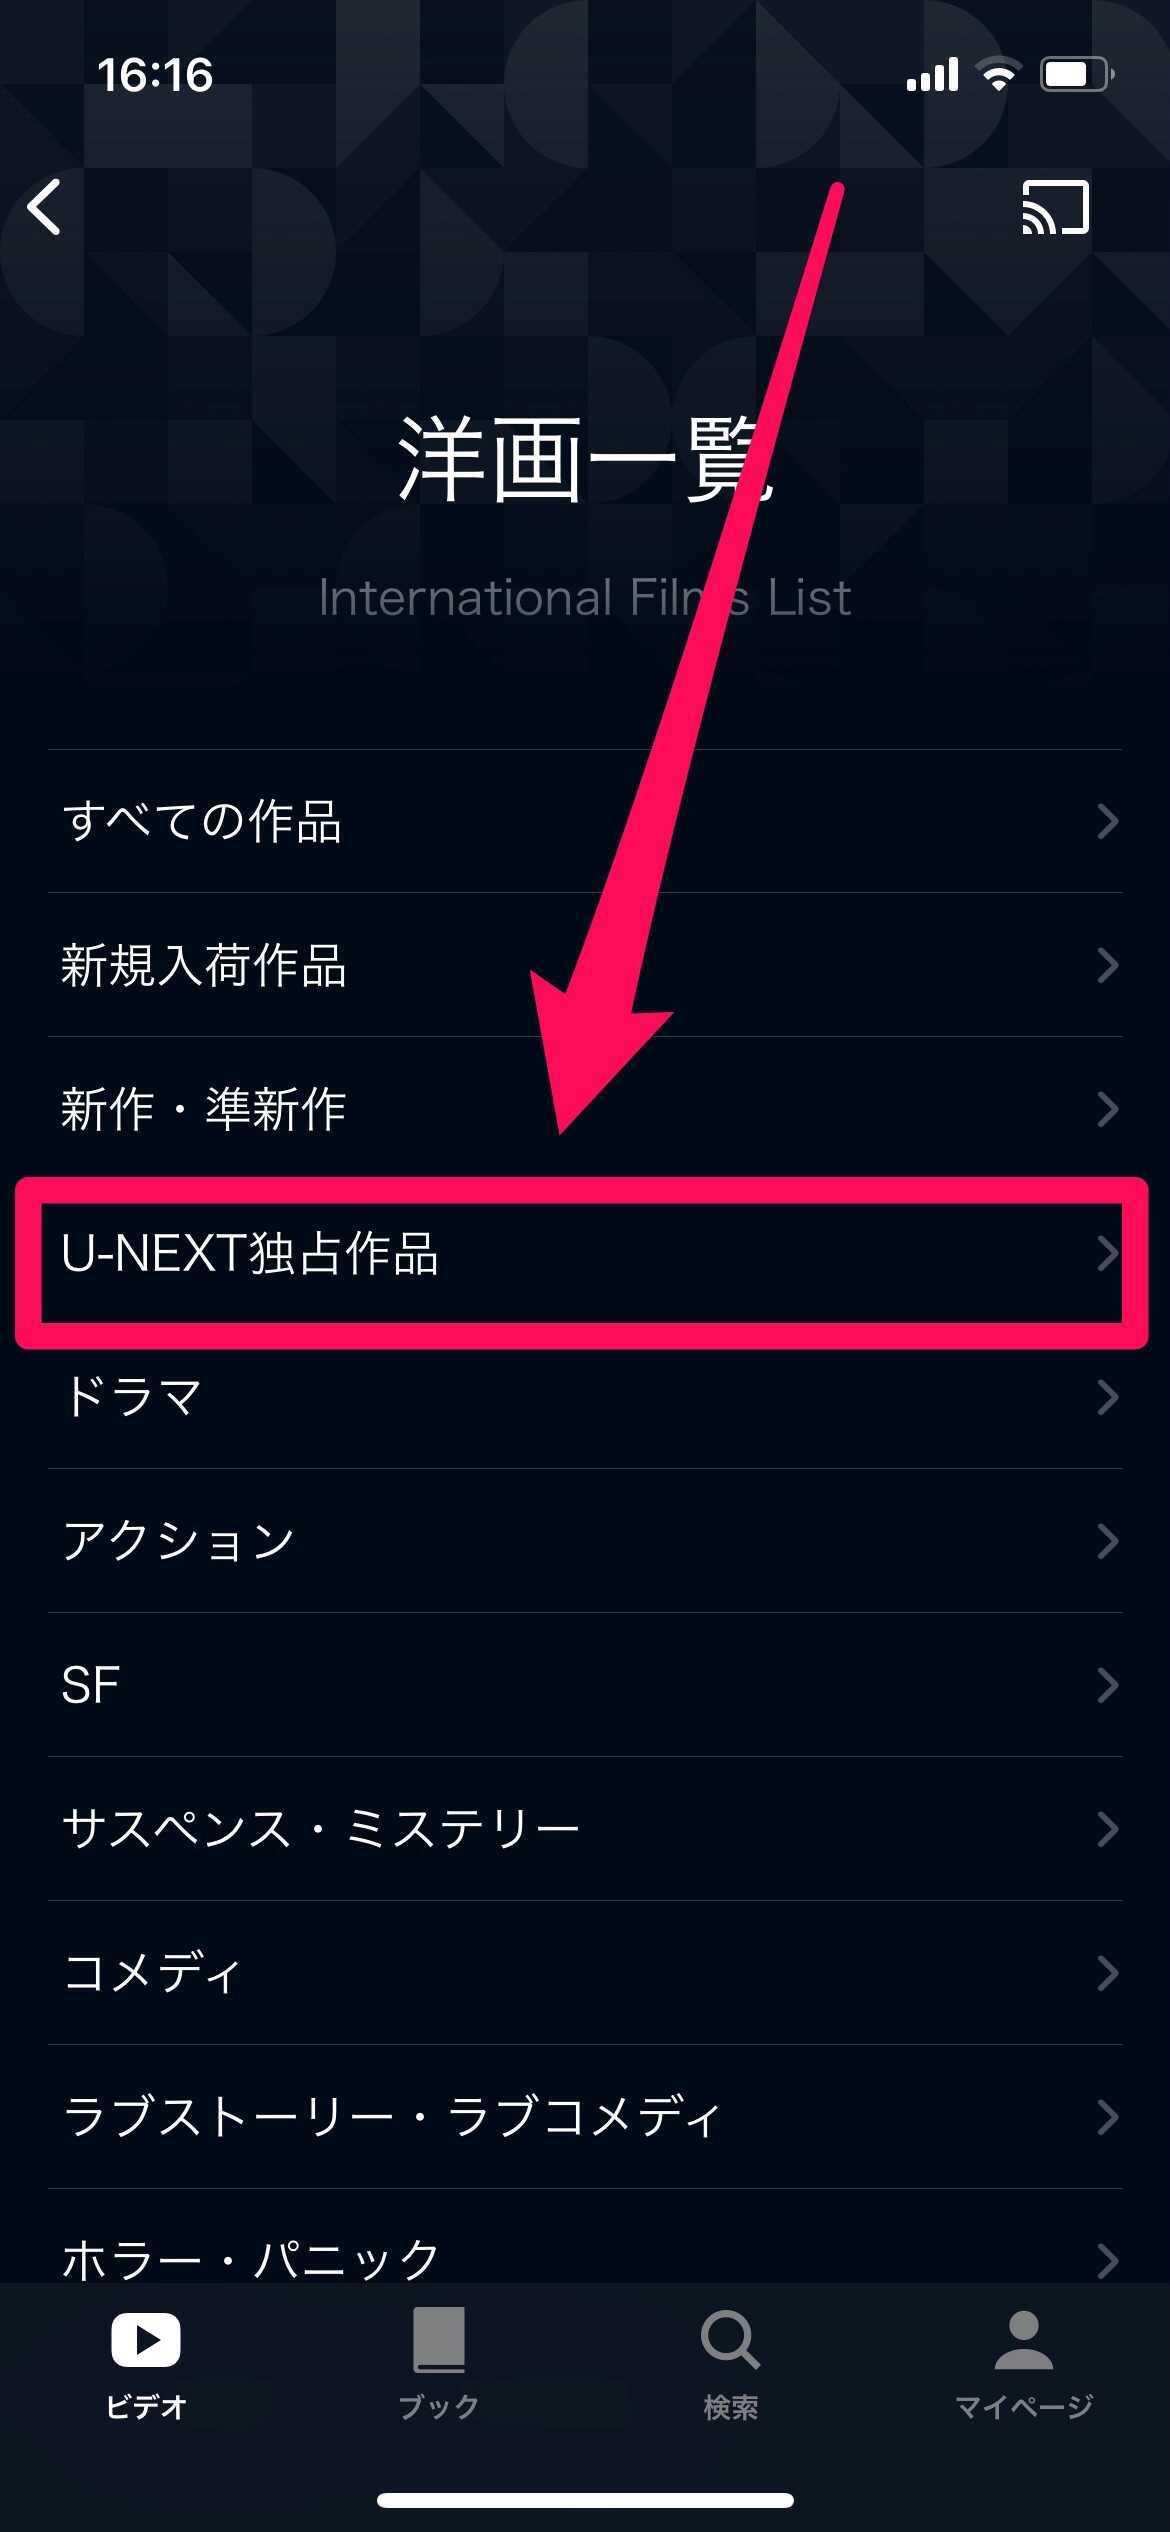 U-NEXTのアプリで動画を見る方法3